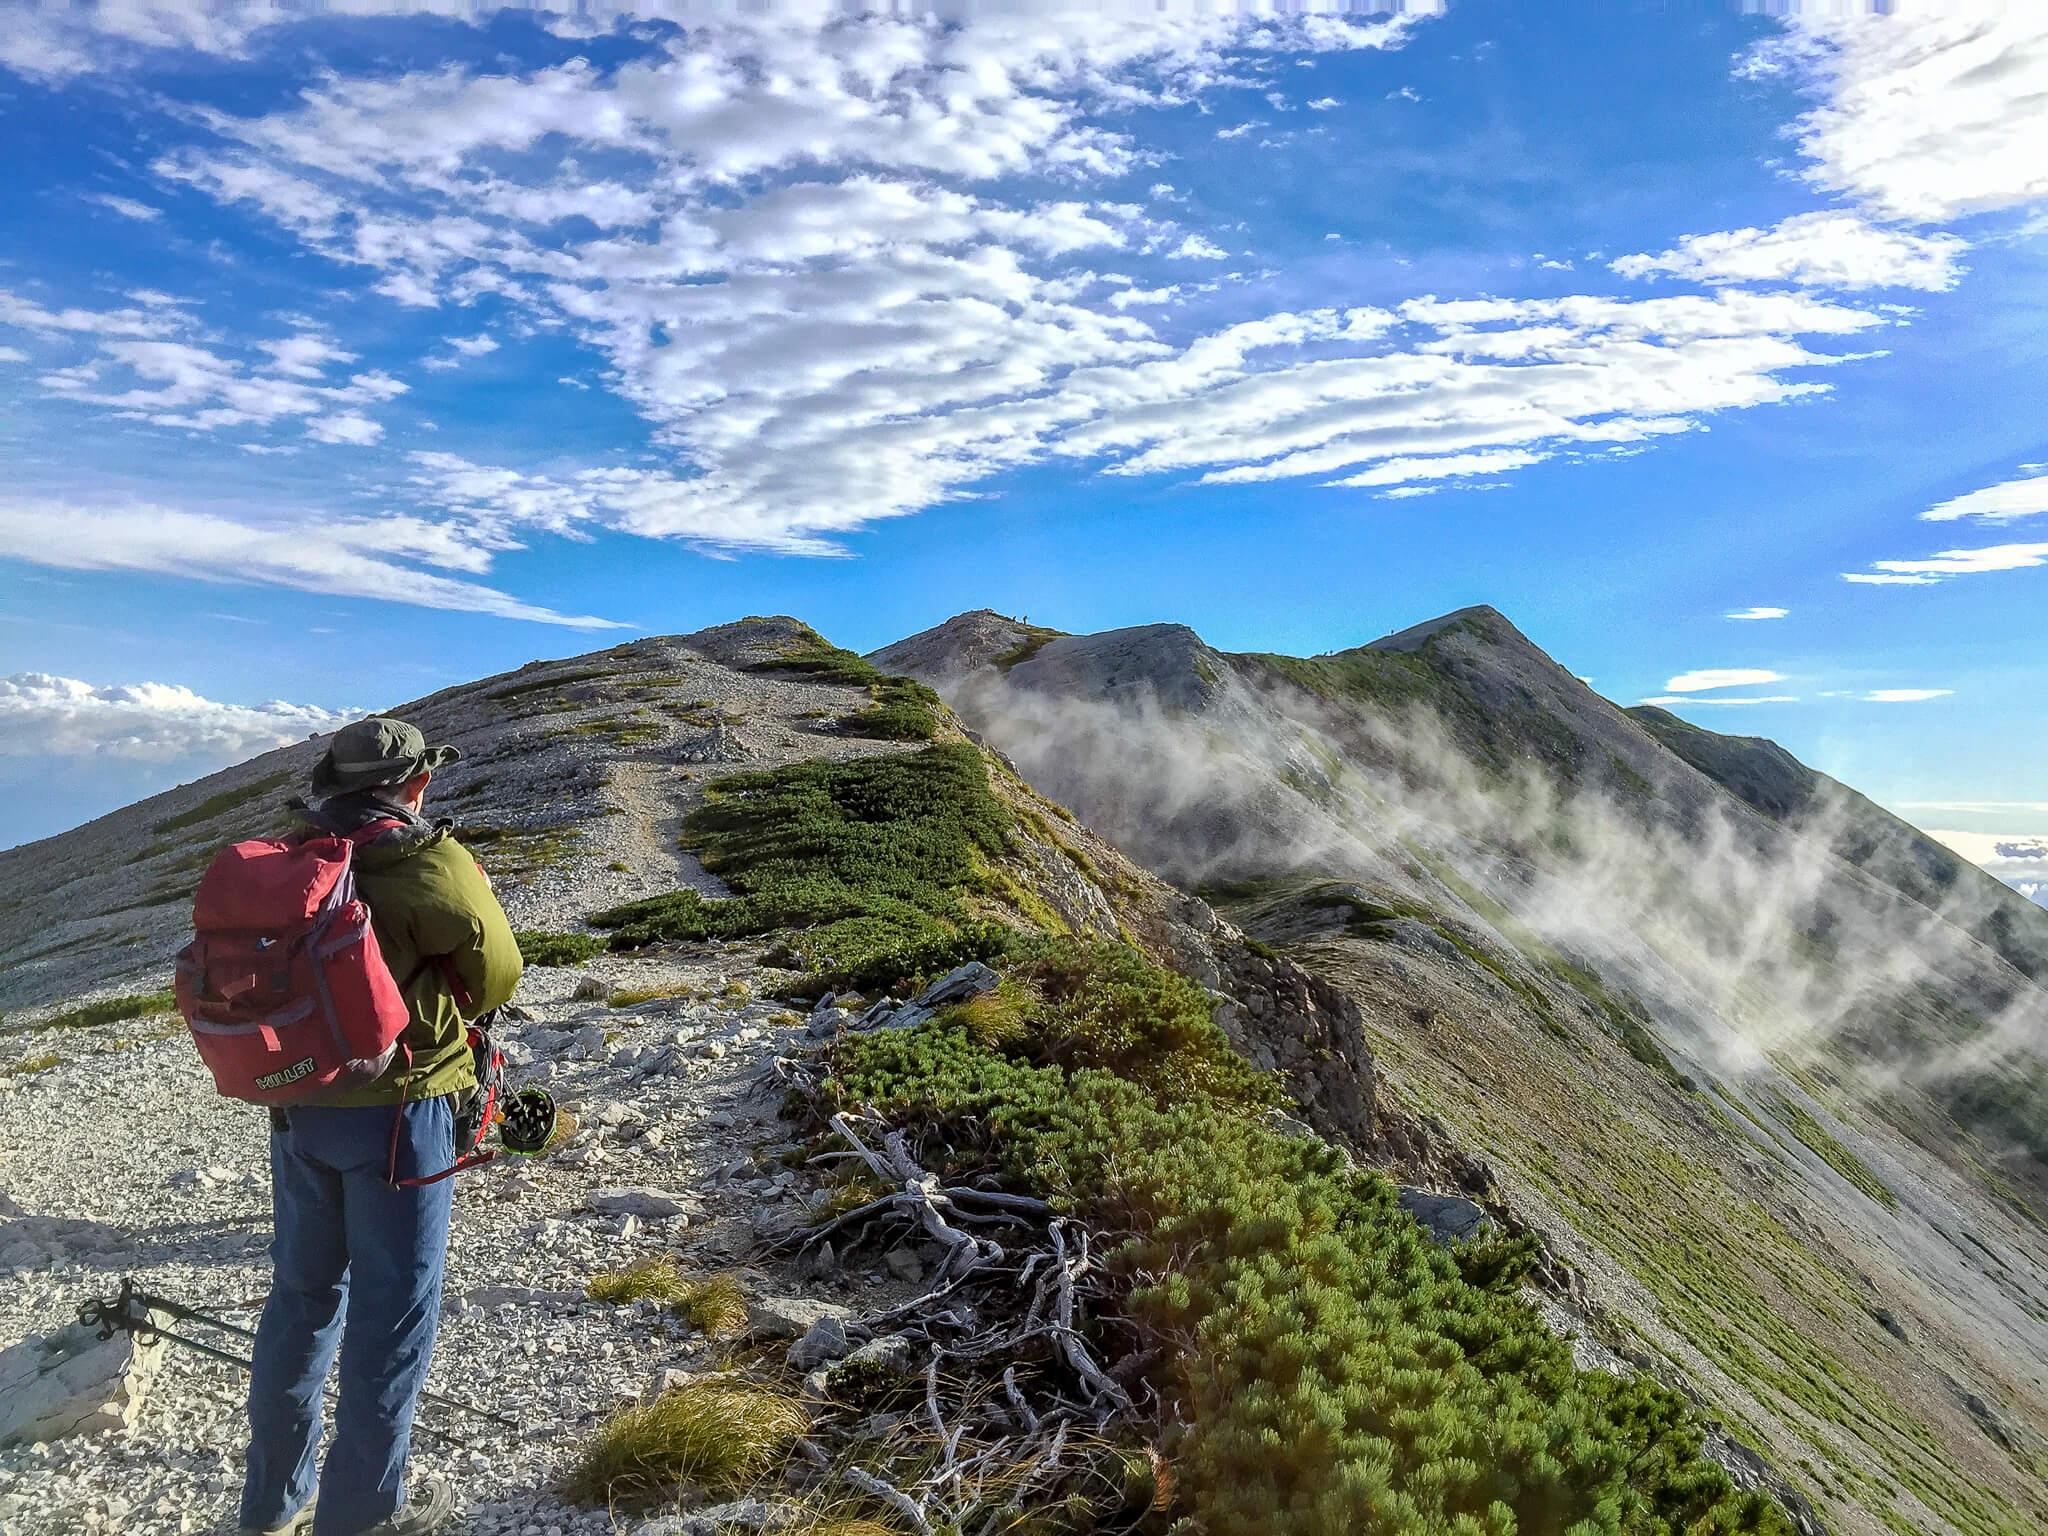 白馬岳・坂の上の雲でも使われた小蓮華山への稜線